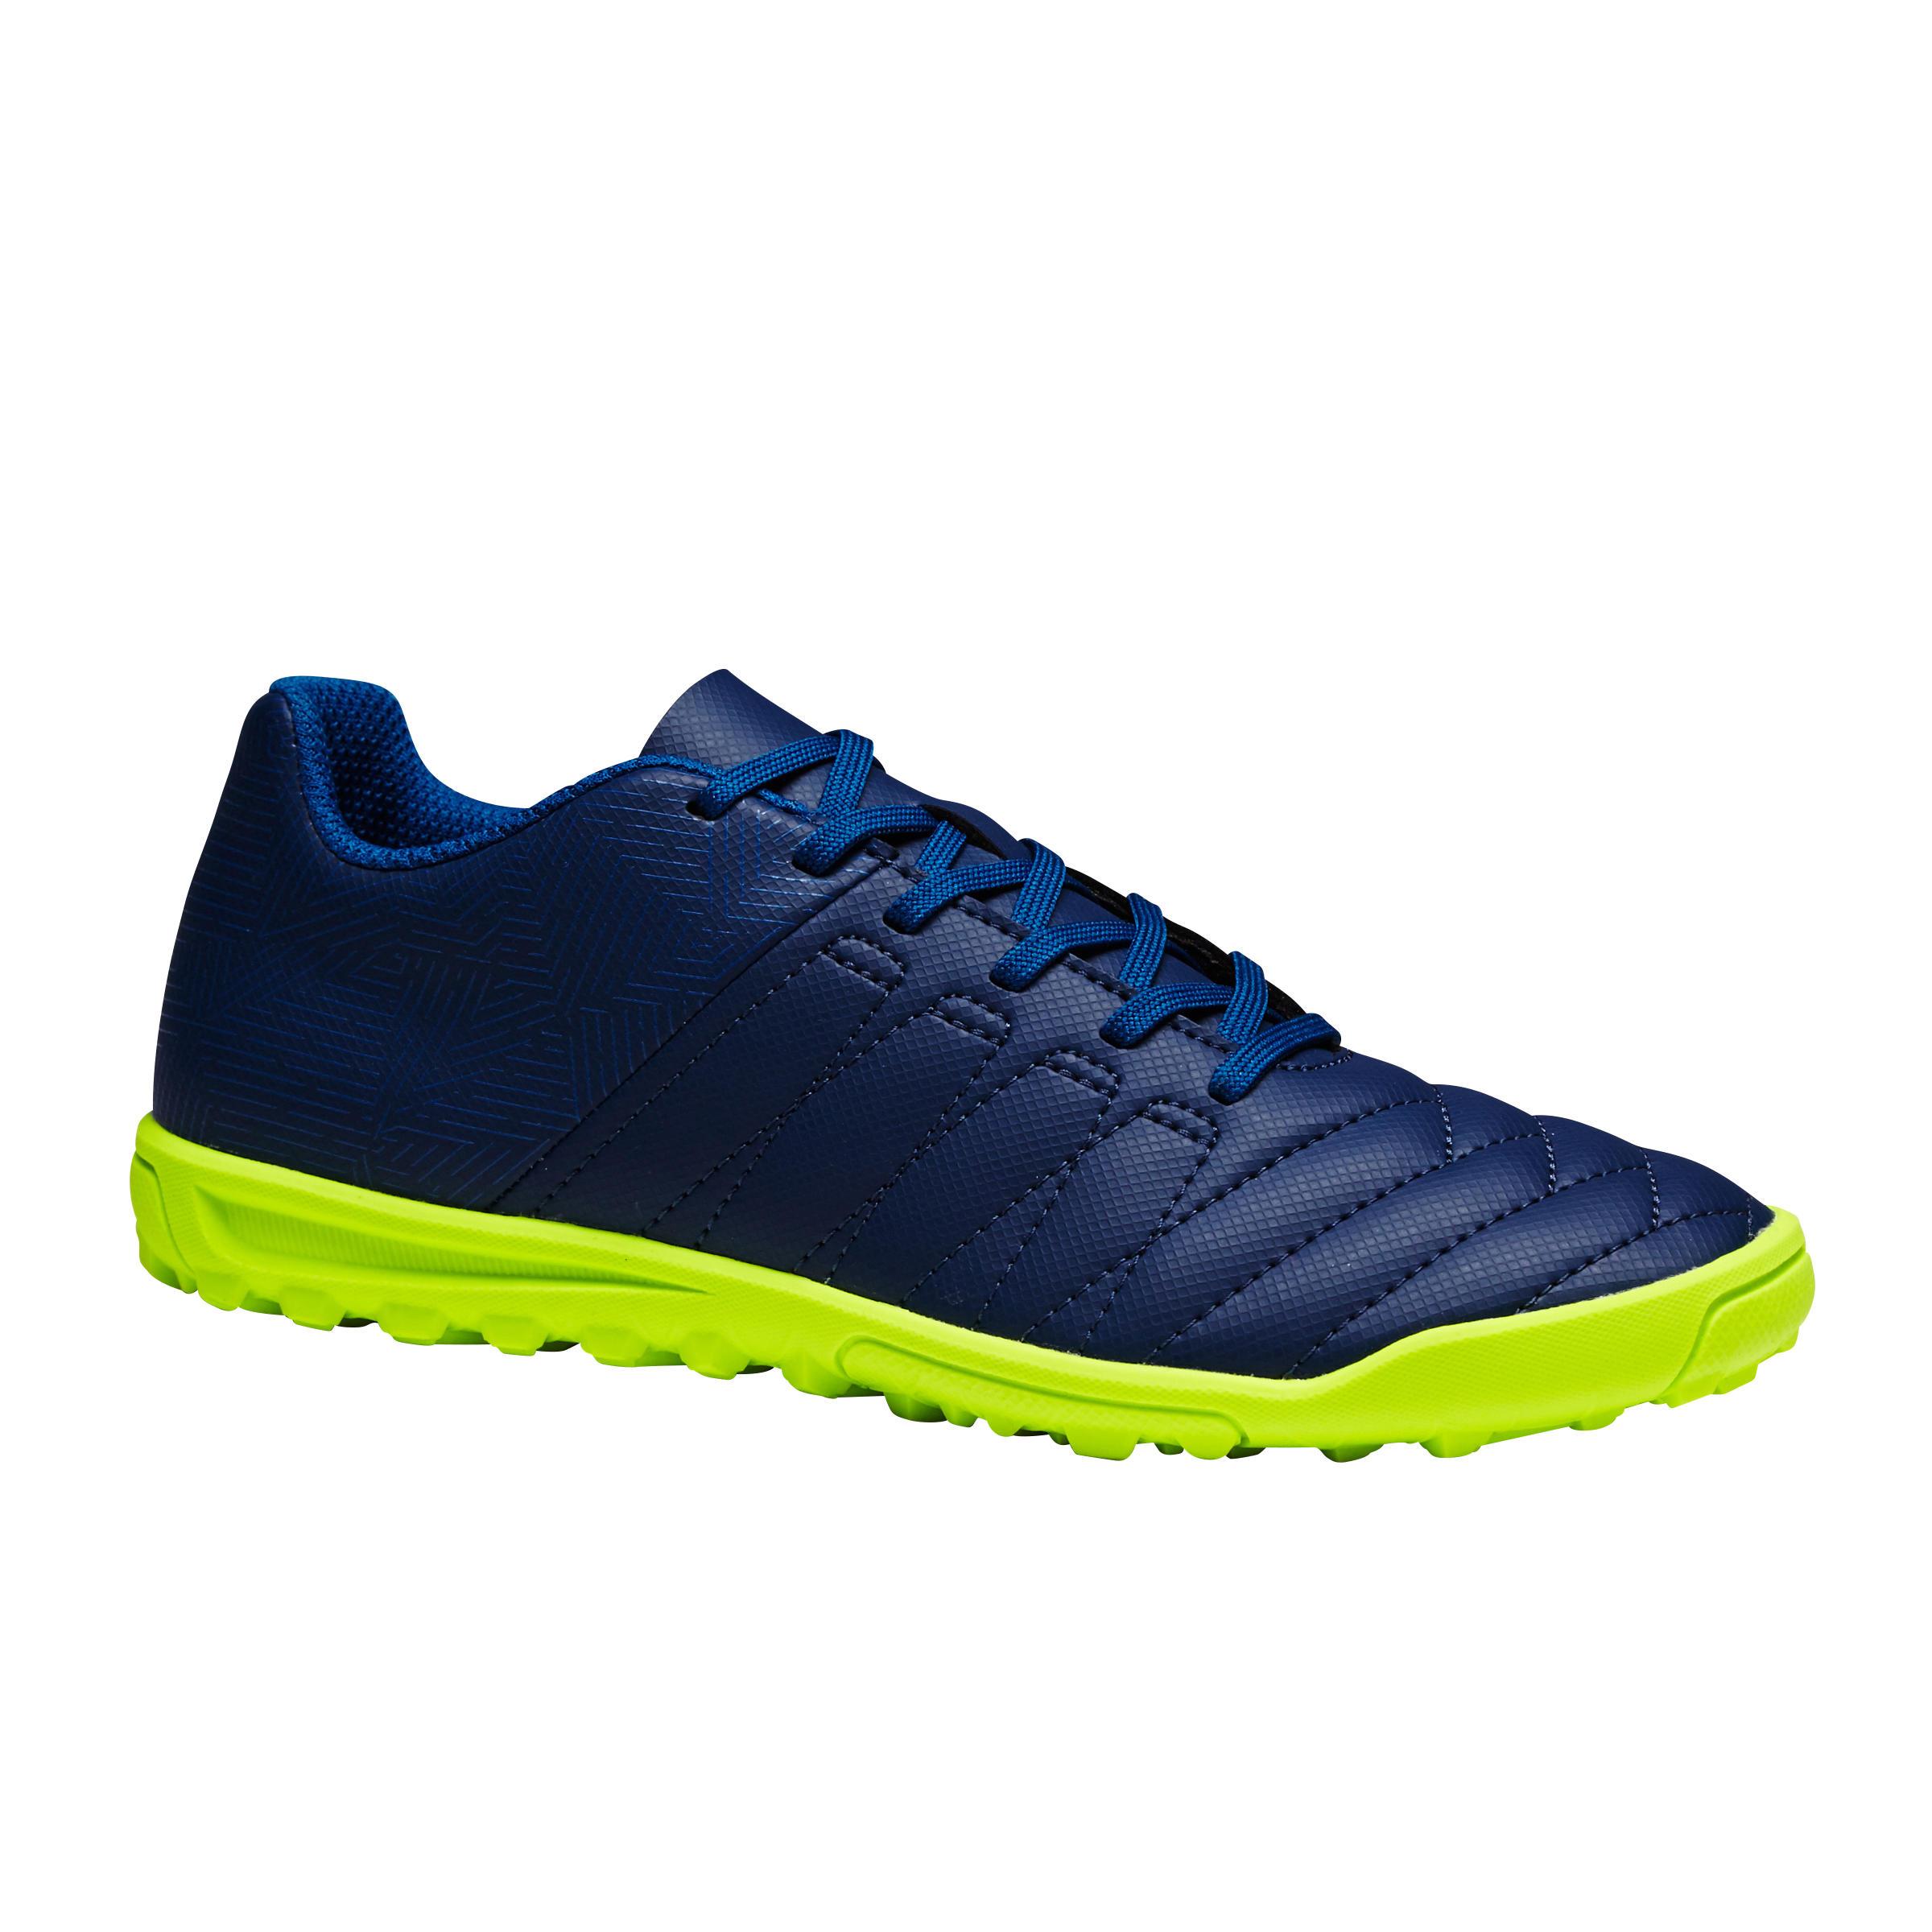 Kipsta Voetbalschoenen kind Agility 300 HG blauw/groen